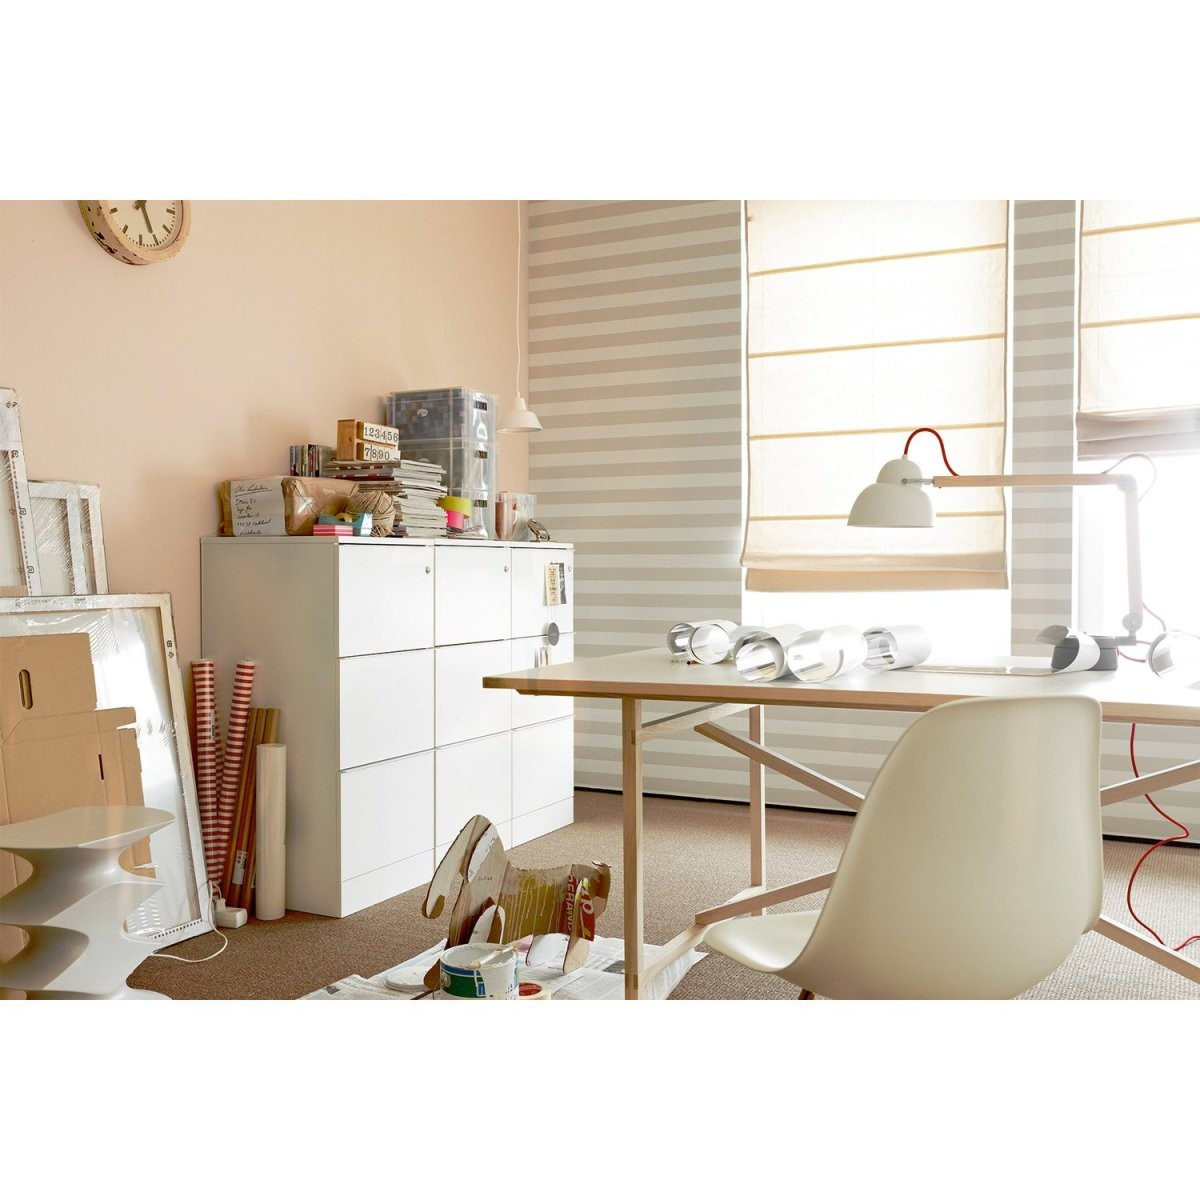 Schöner Wohnen Trendfarbe Tester Sand Matt 50 Ml Kaufen Bei Obi von Schöner Wohnen Trendfarbe Tester Photo